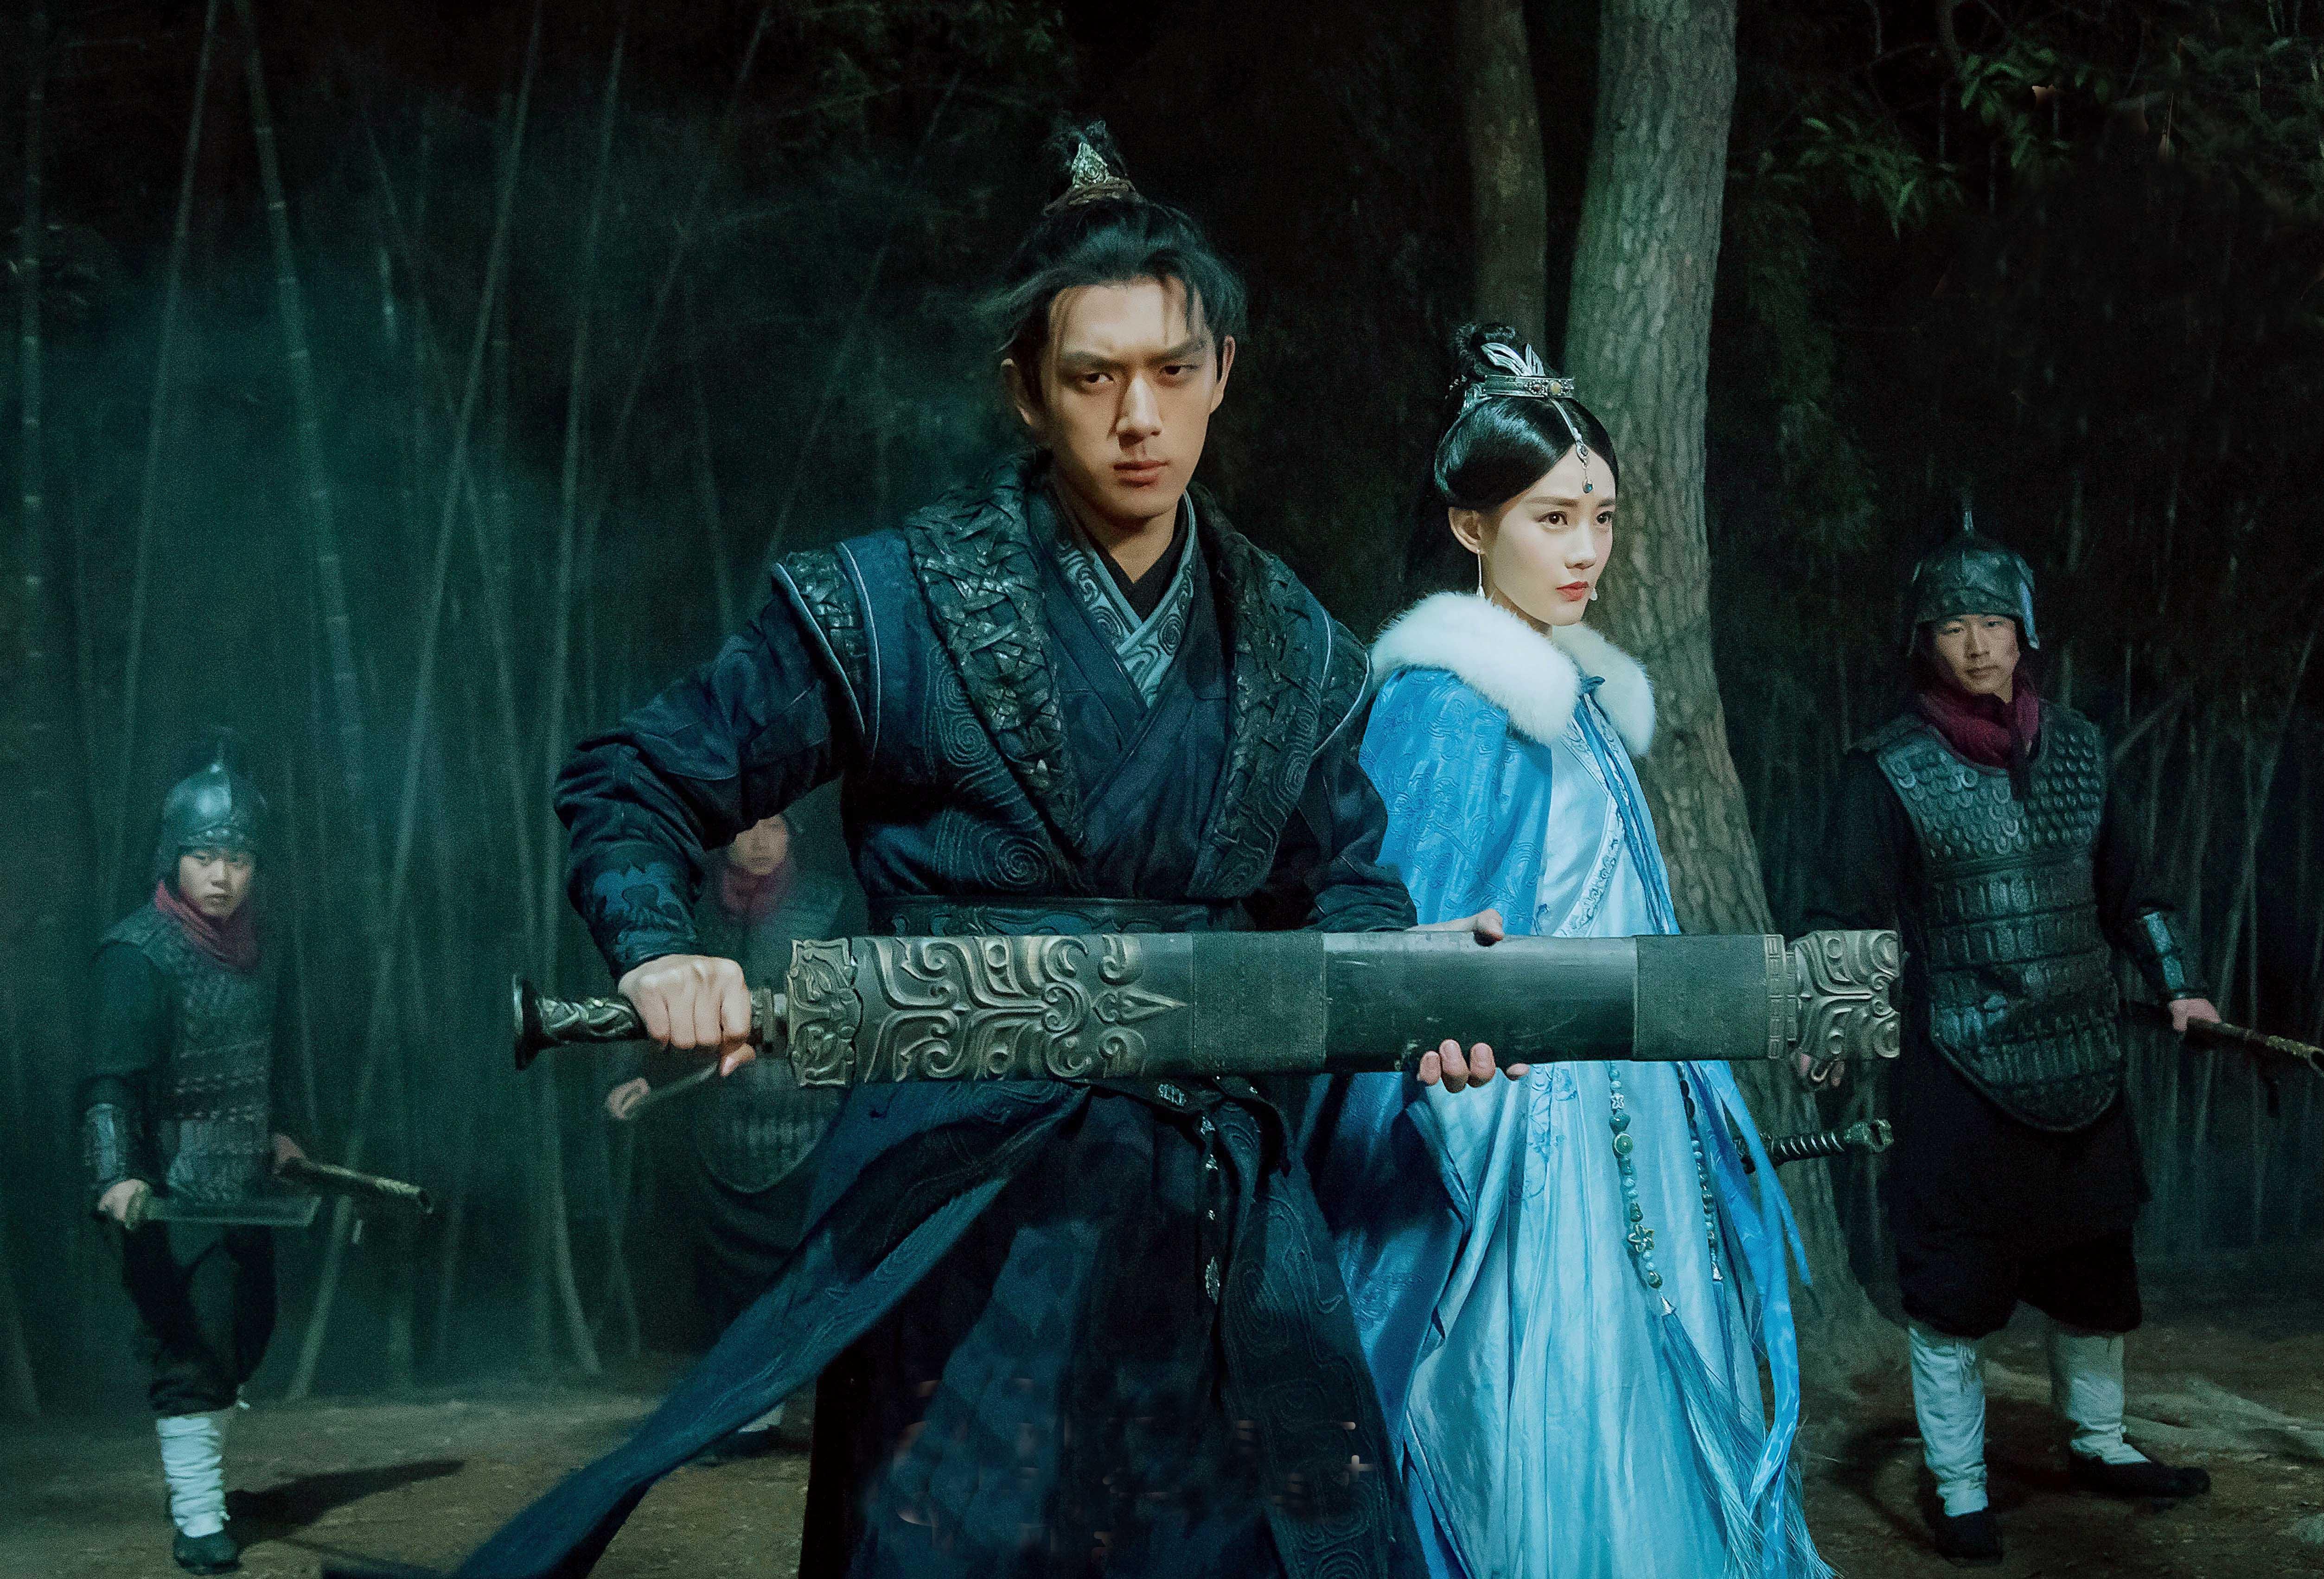 李现《剑王朝》少年出剑了,浅雪冰山美人,白胡子大师老当益壮